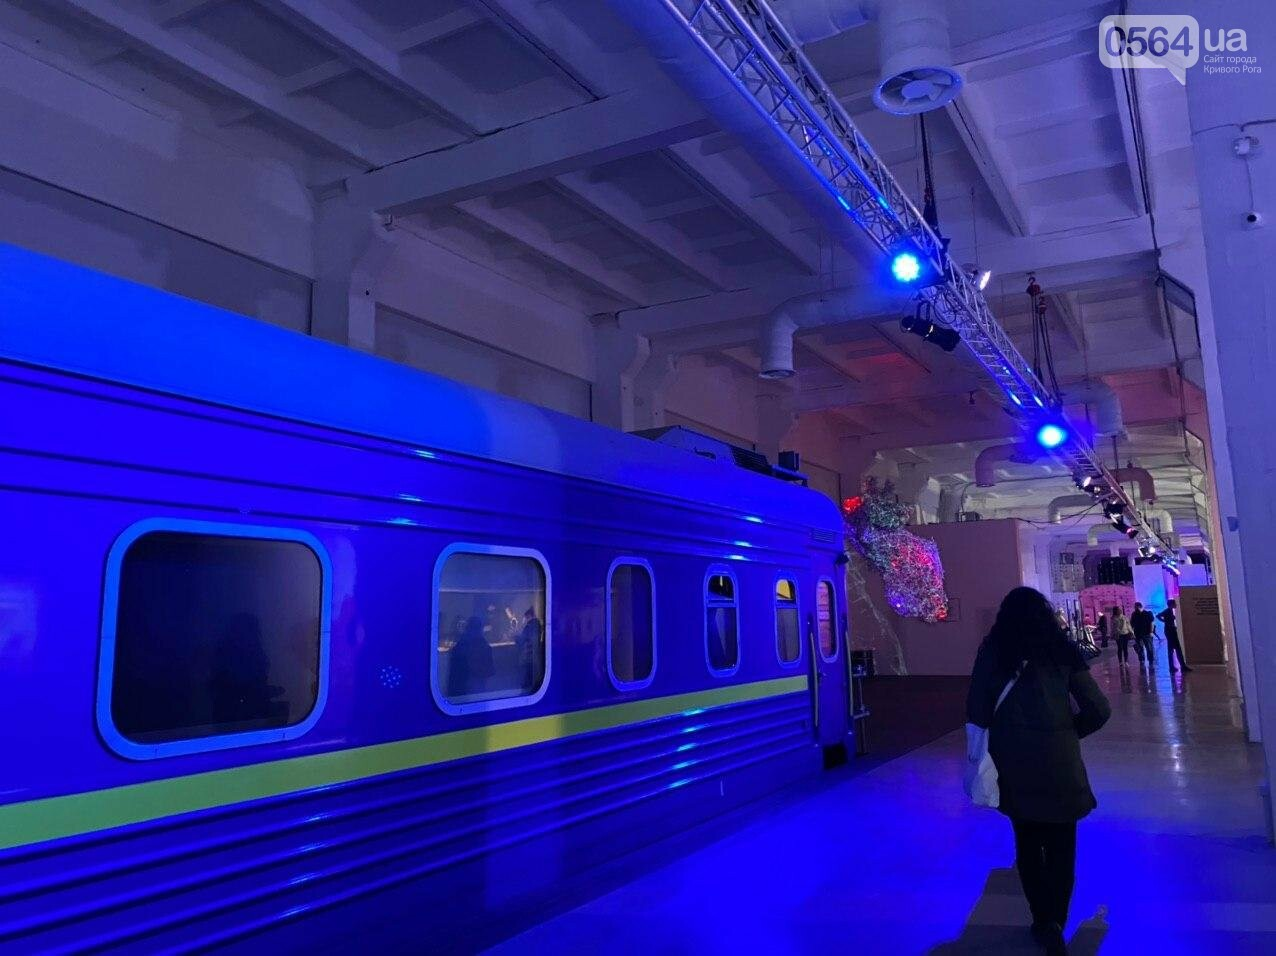 Ukraine WOW: что можно было узнать о Кривом Роге на интерактивной выставке, - ФОТО , фото-144